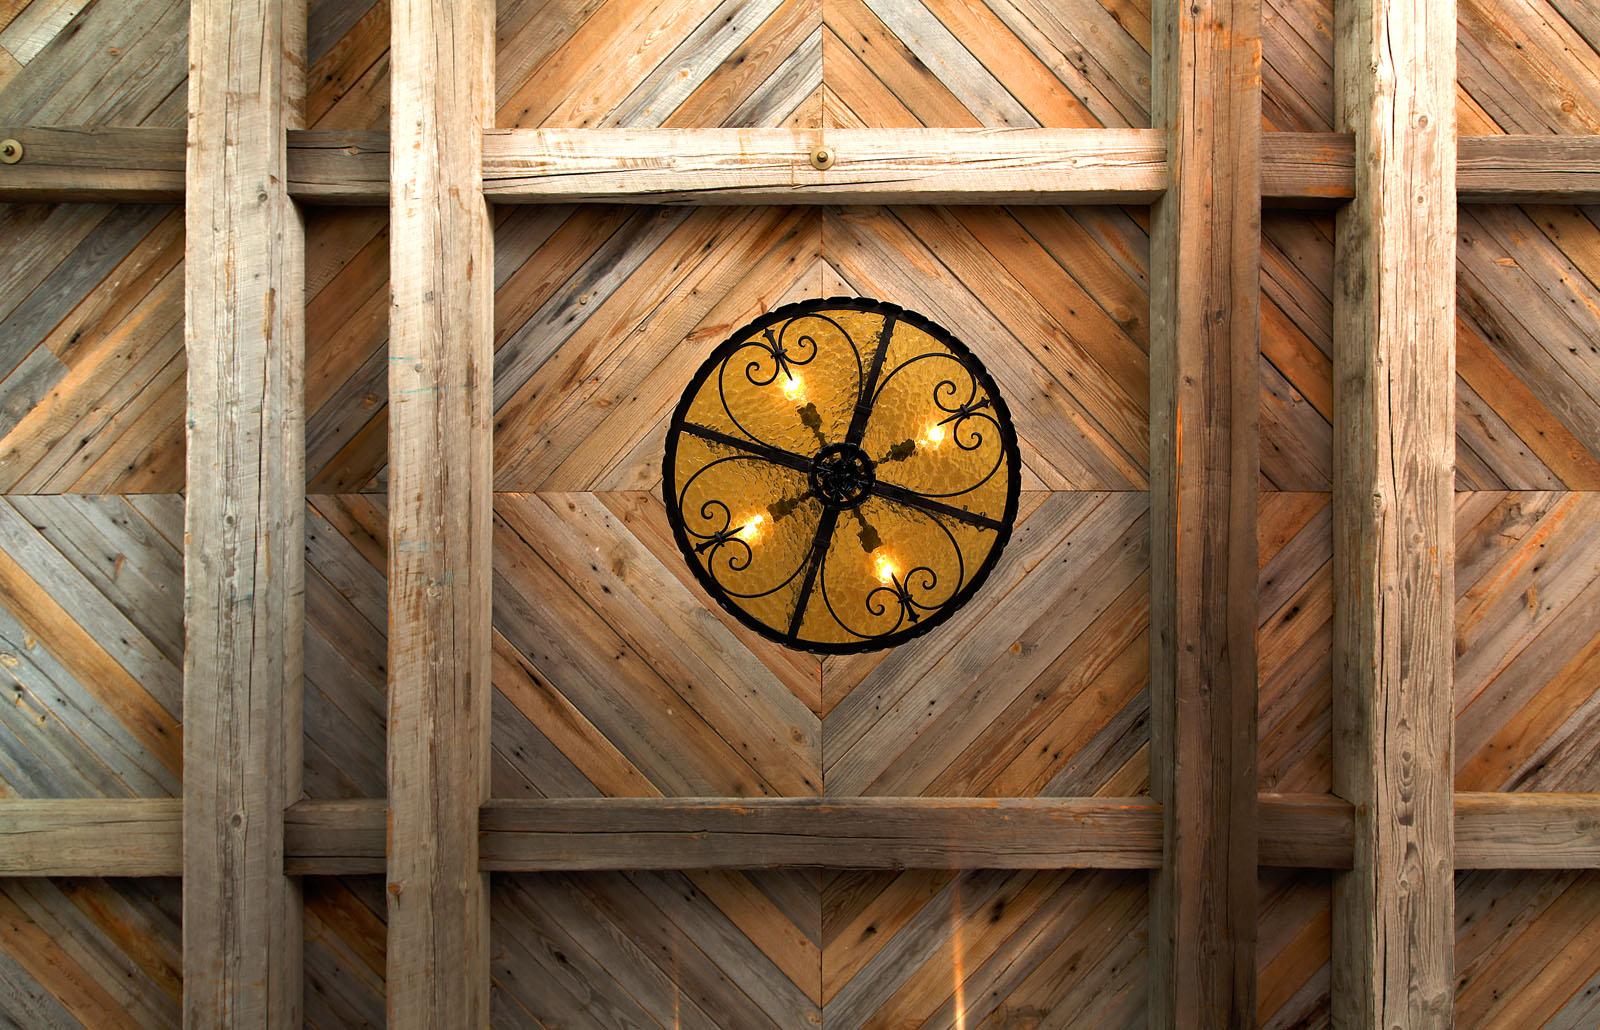 Bertelsen Residence 13 - natural wood beam ceiling and lighting.jpg